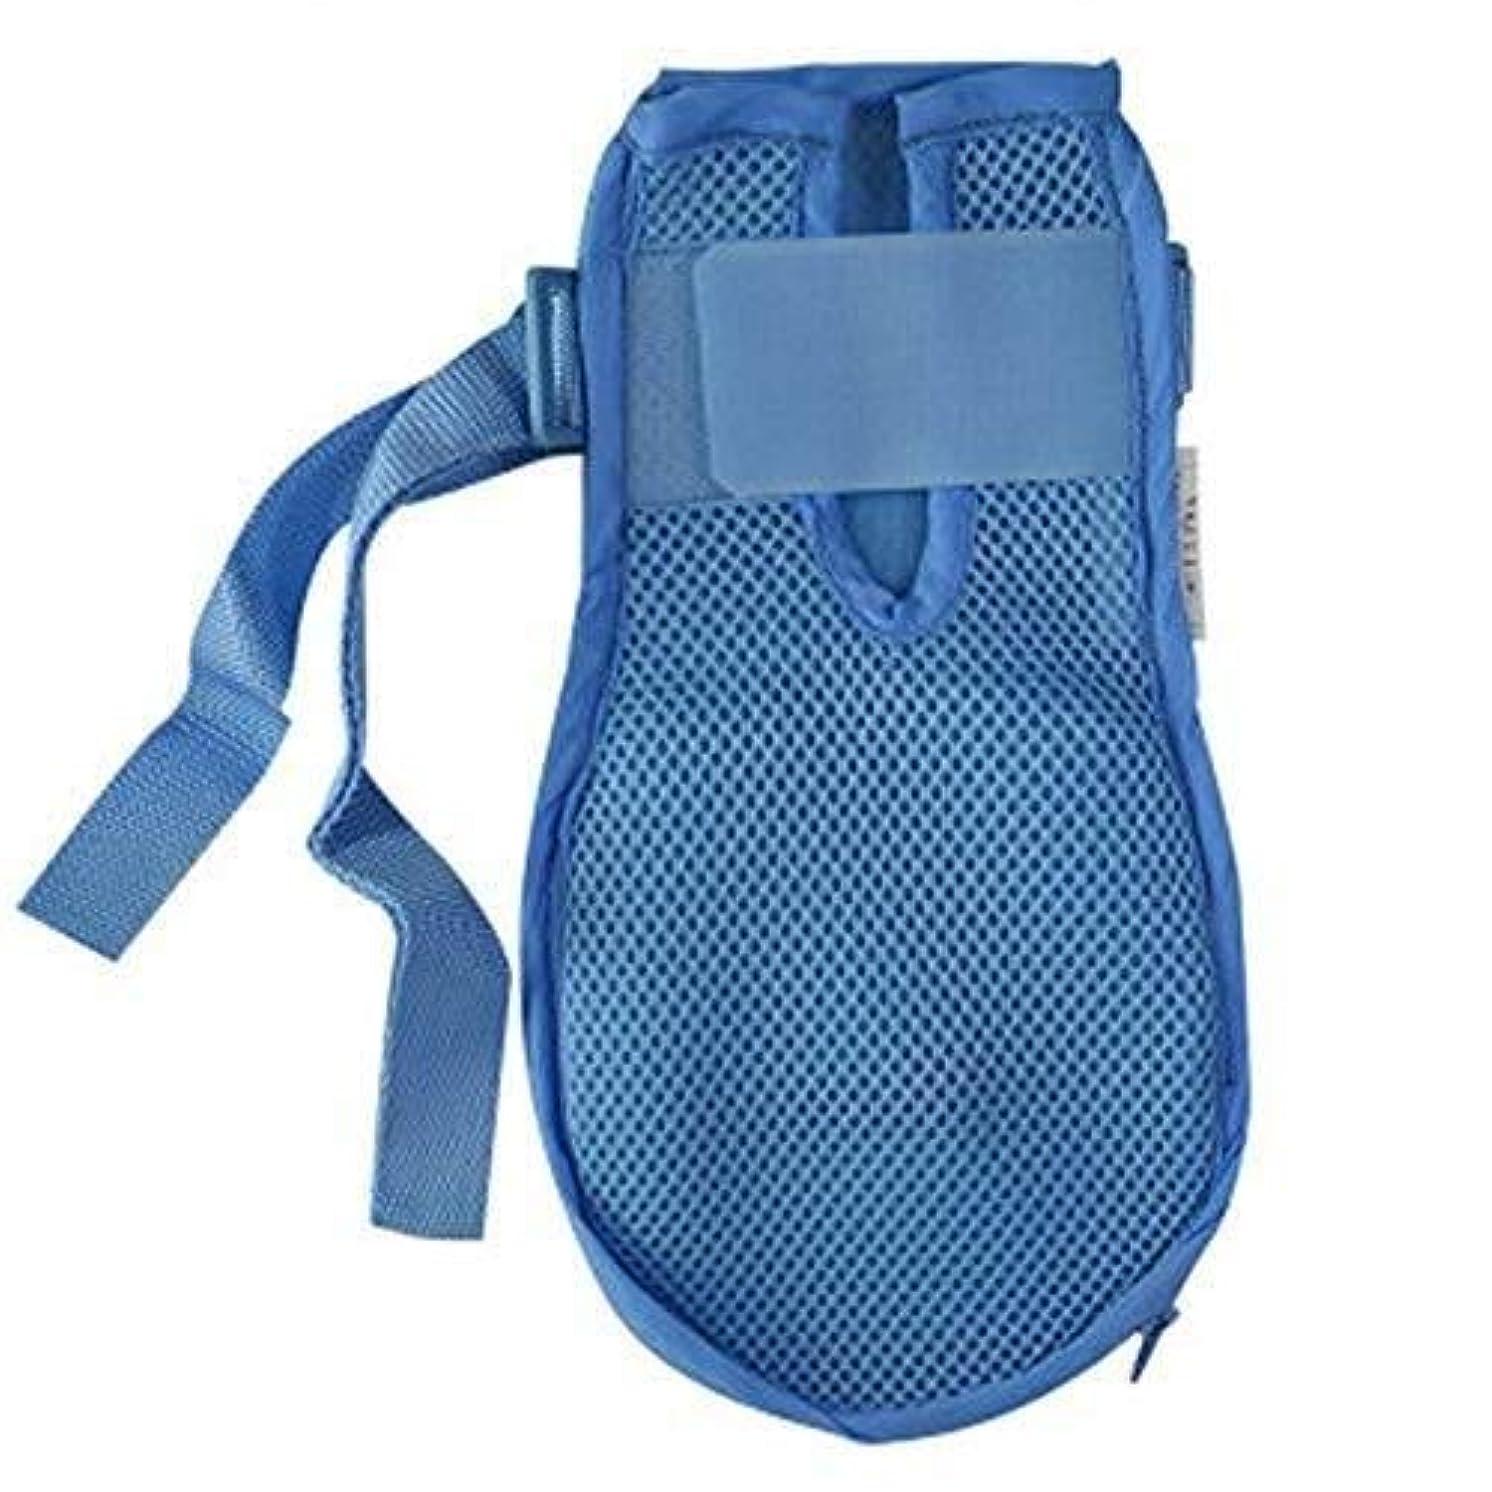 反対したなくなる洞察力のある認知症手袋安全手袋病院用ハンド制限感染プロテクターミットフィンガーコントロールミット医療患者用高齢者の安全 (Color : 2pcs, Size : L)